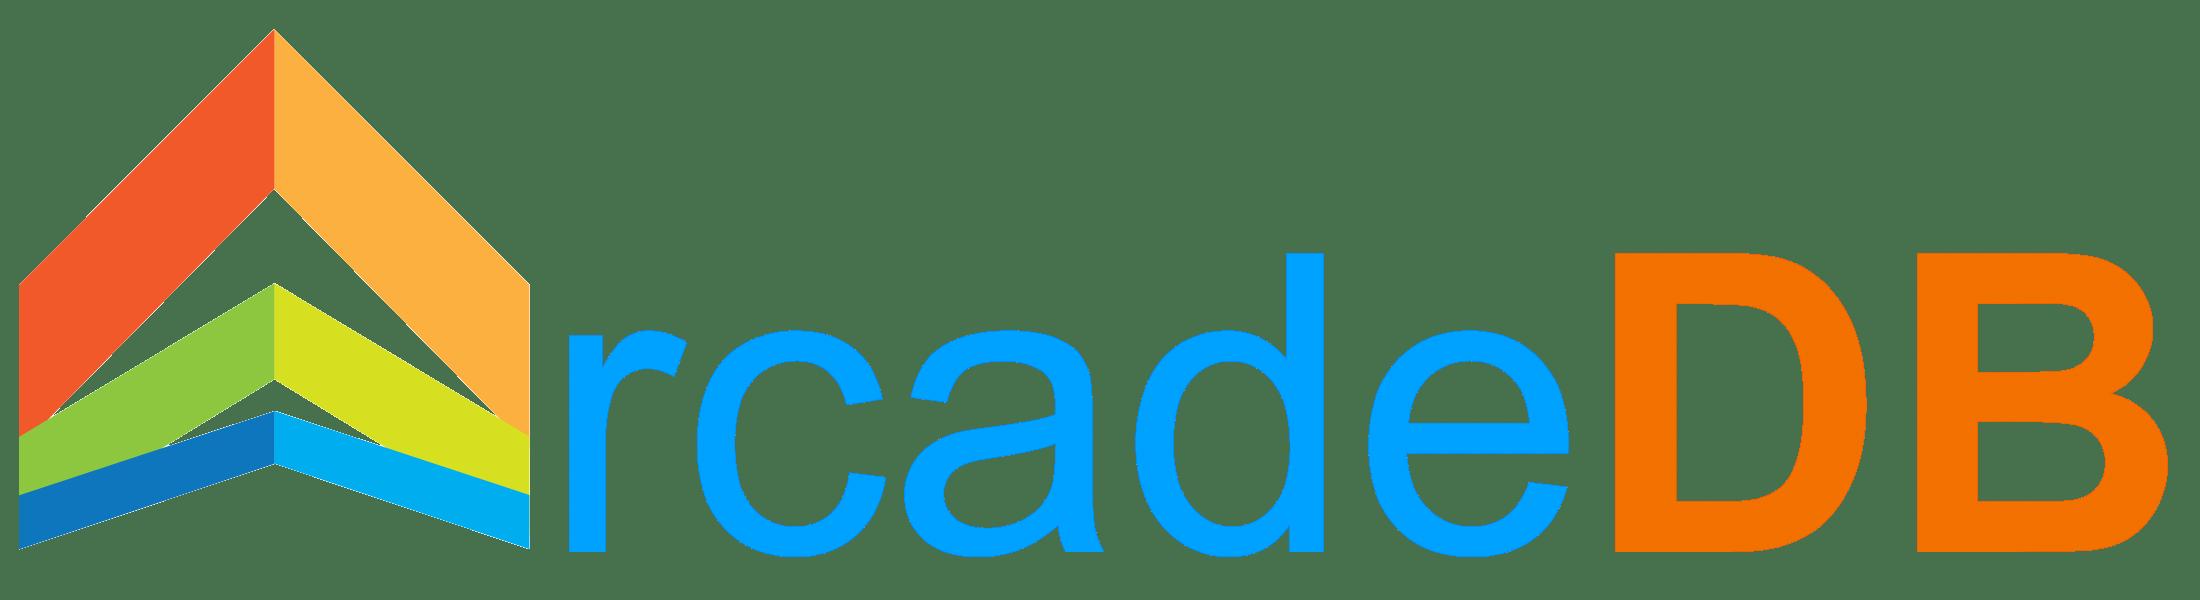 arcadedb-logo.png